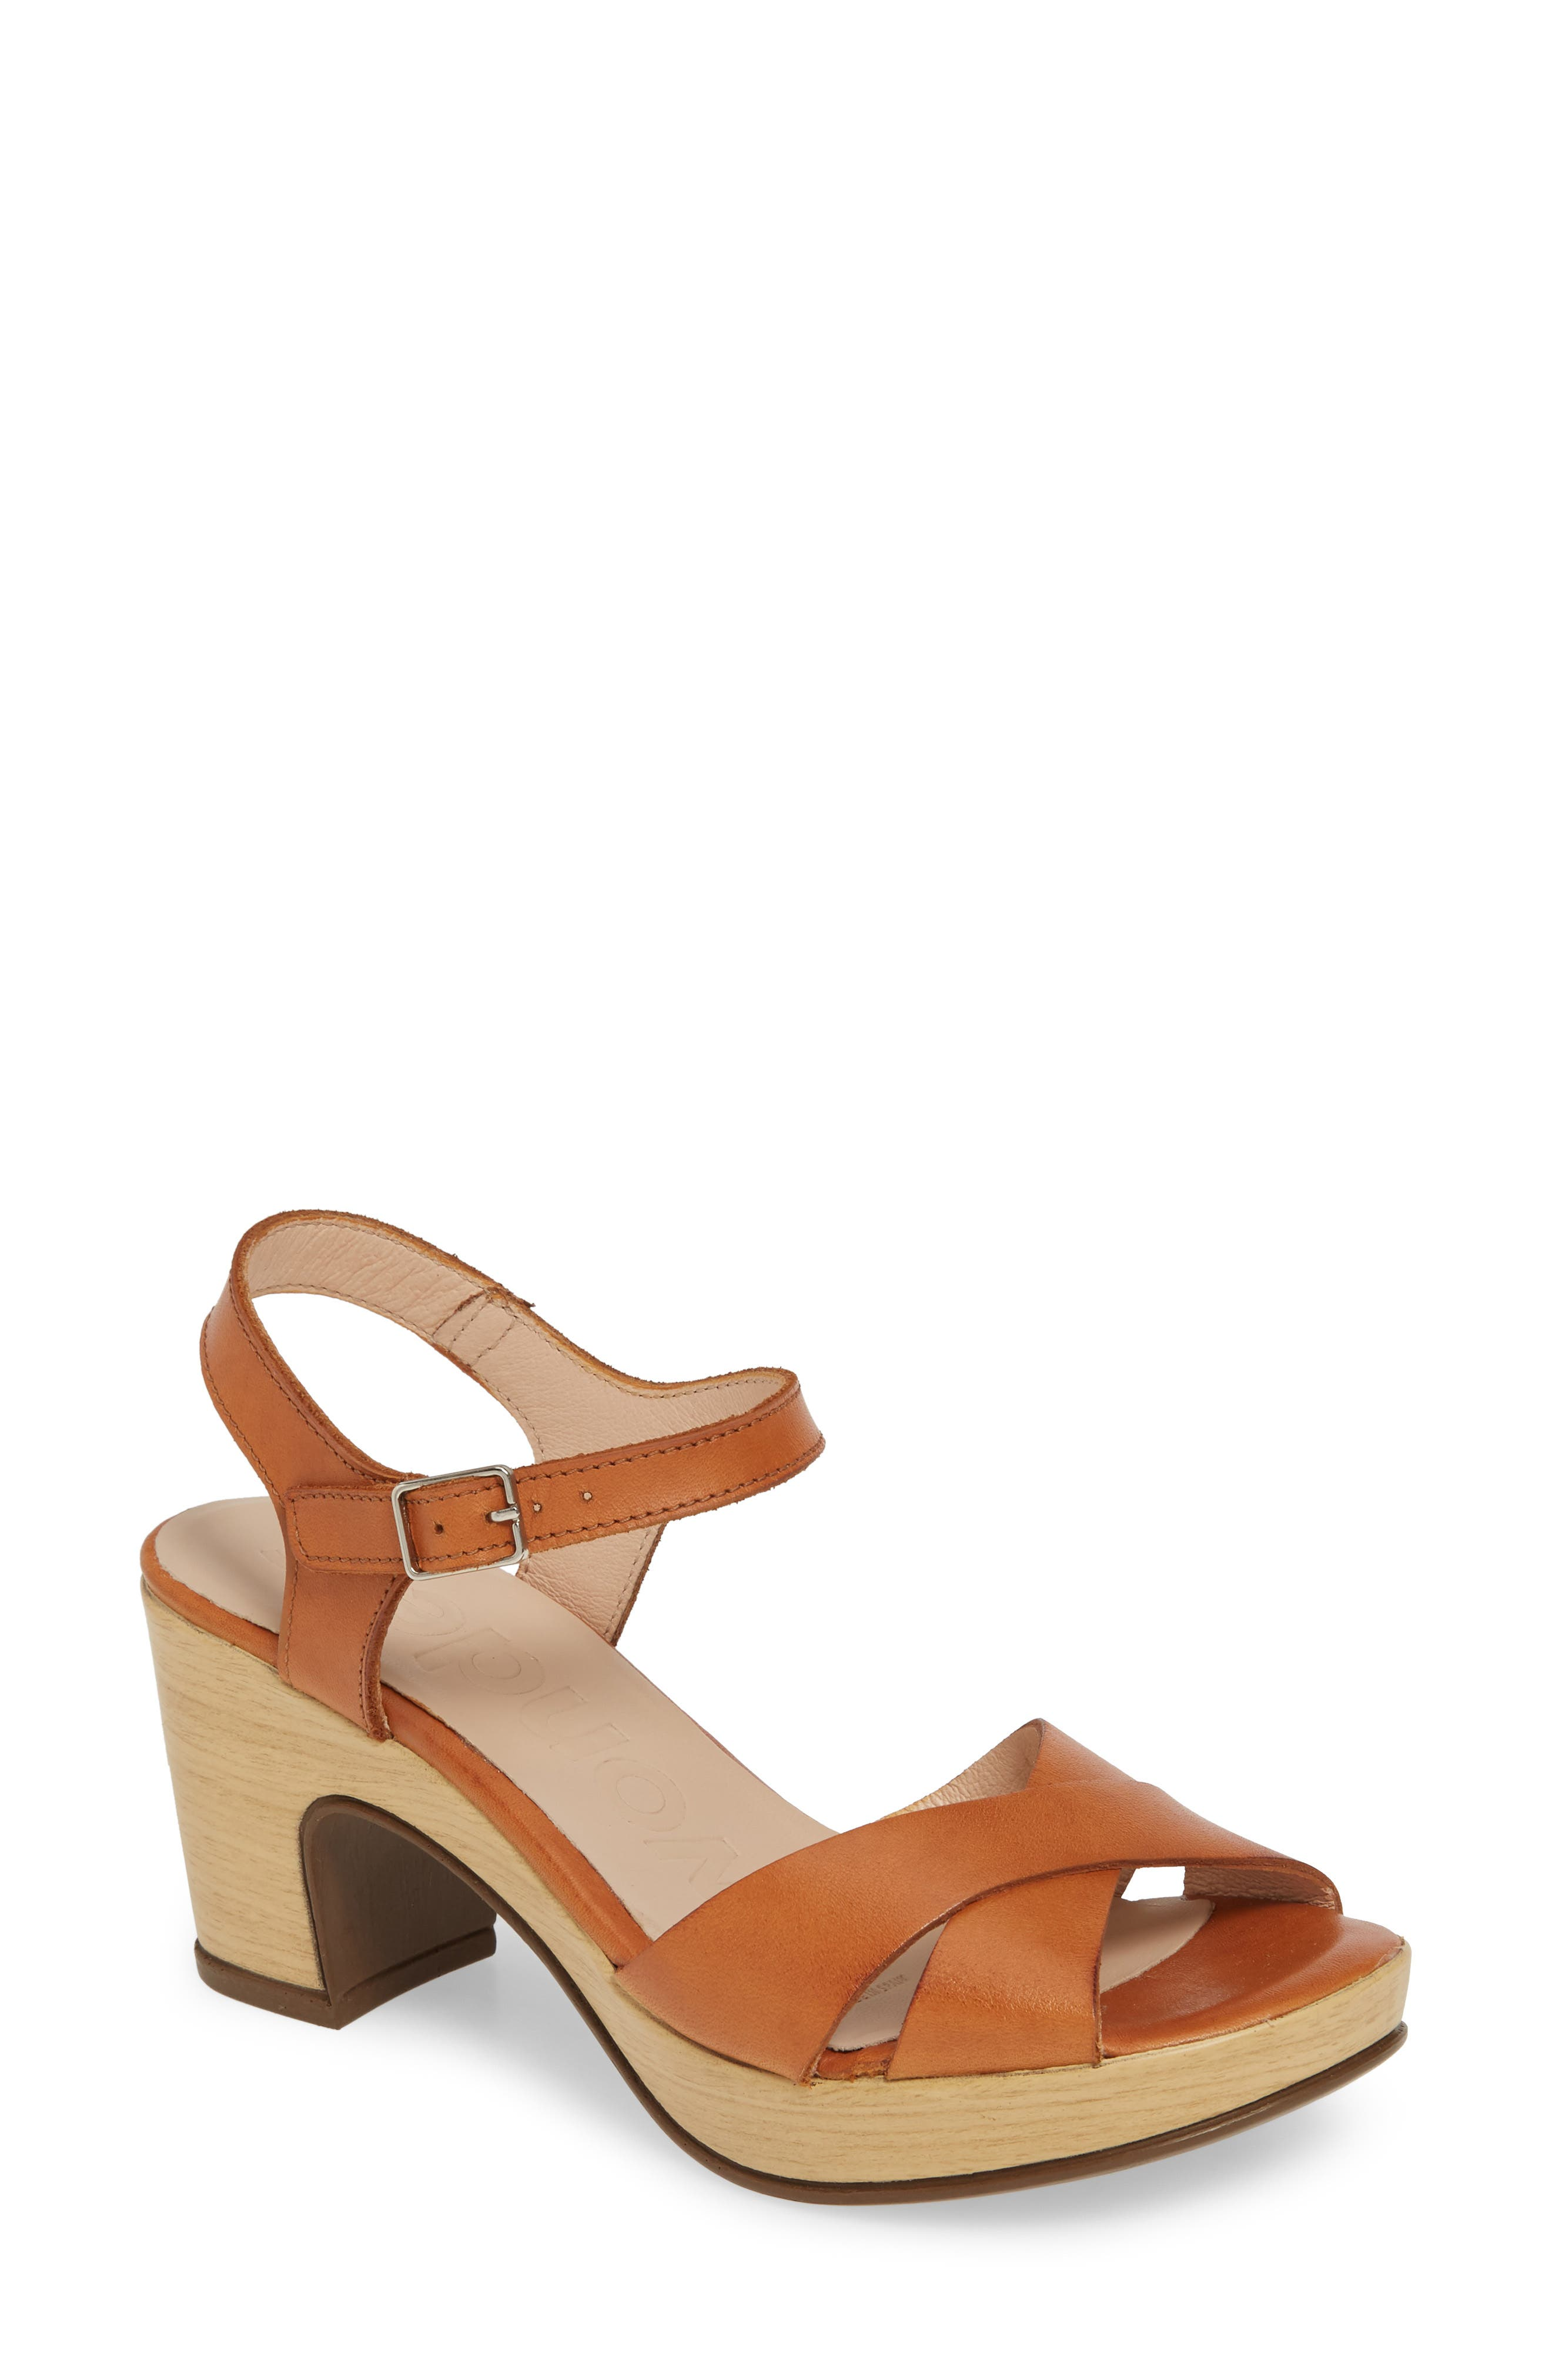 Vintage Sandal History: Retro 1920s to 1970s Sandals Womens Wonders Platform Sandal Size 6.5-7US  37EU - Brown $128.96 AT vintagedancer.com